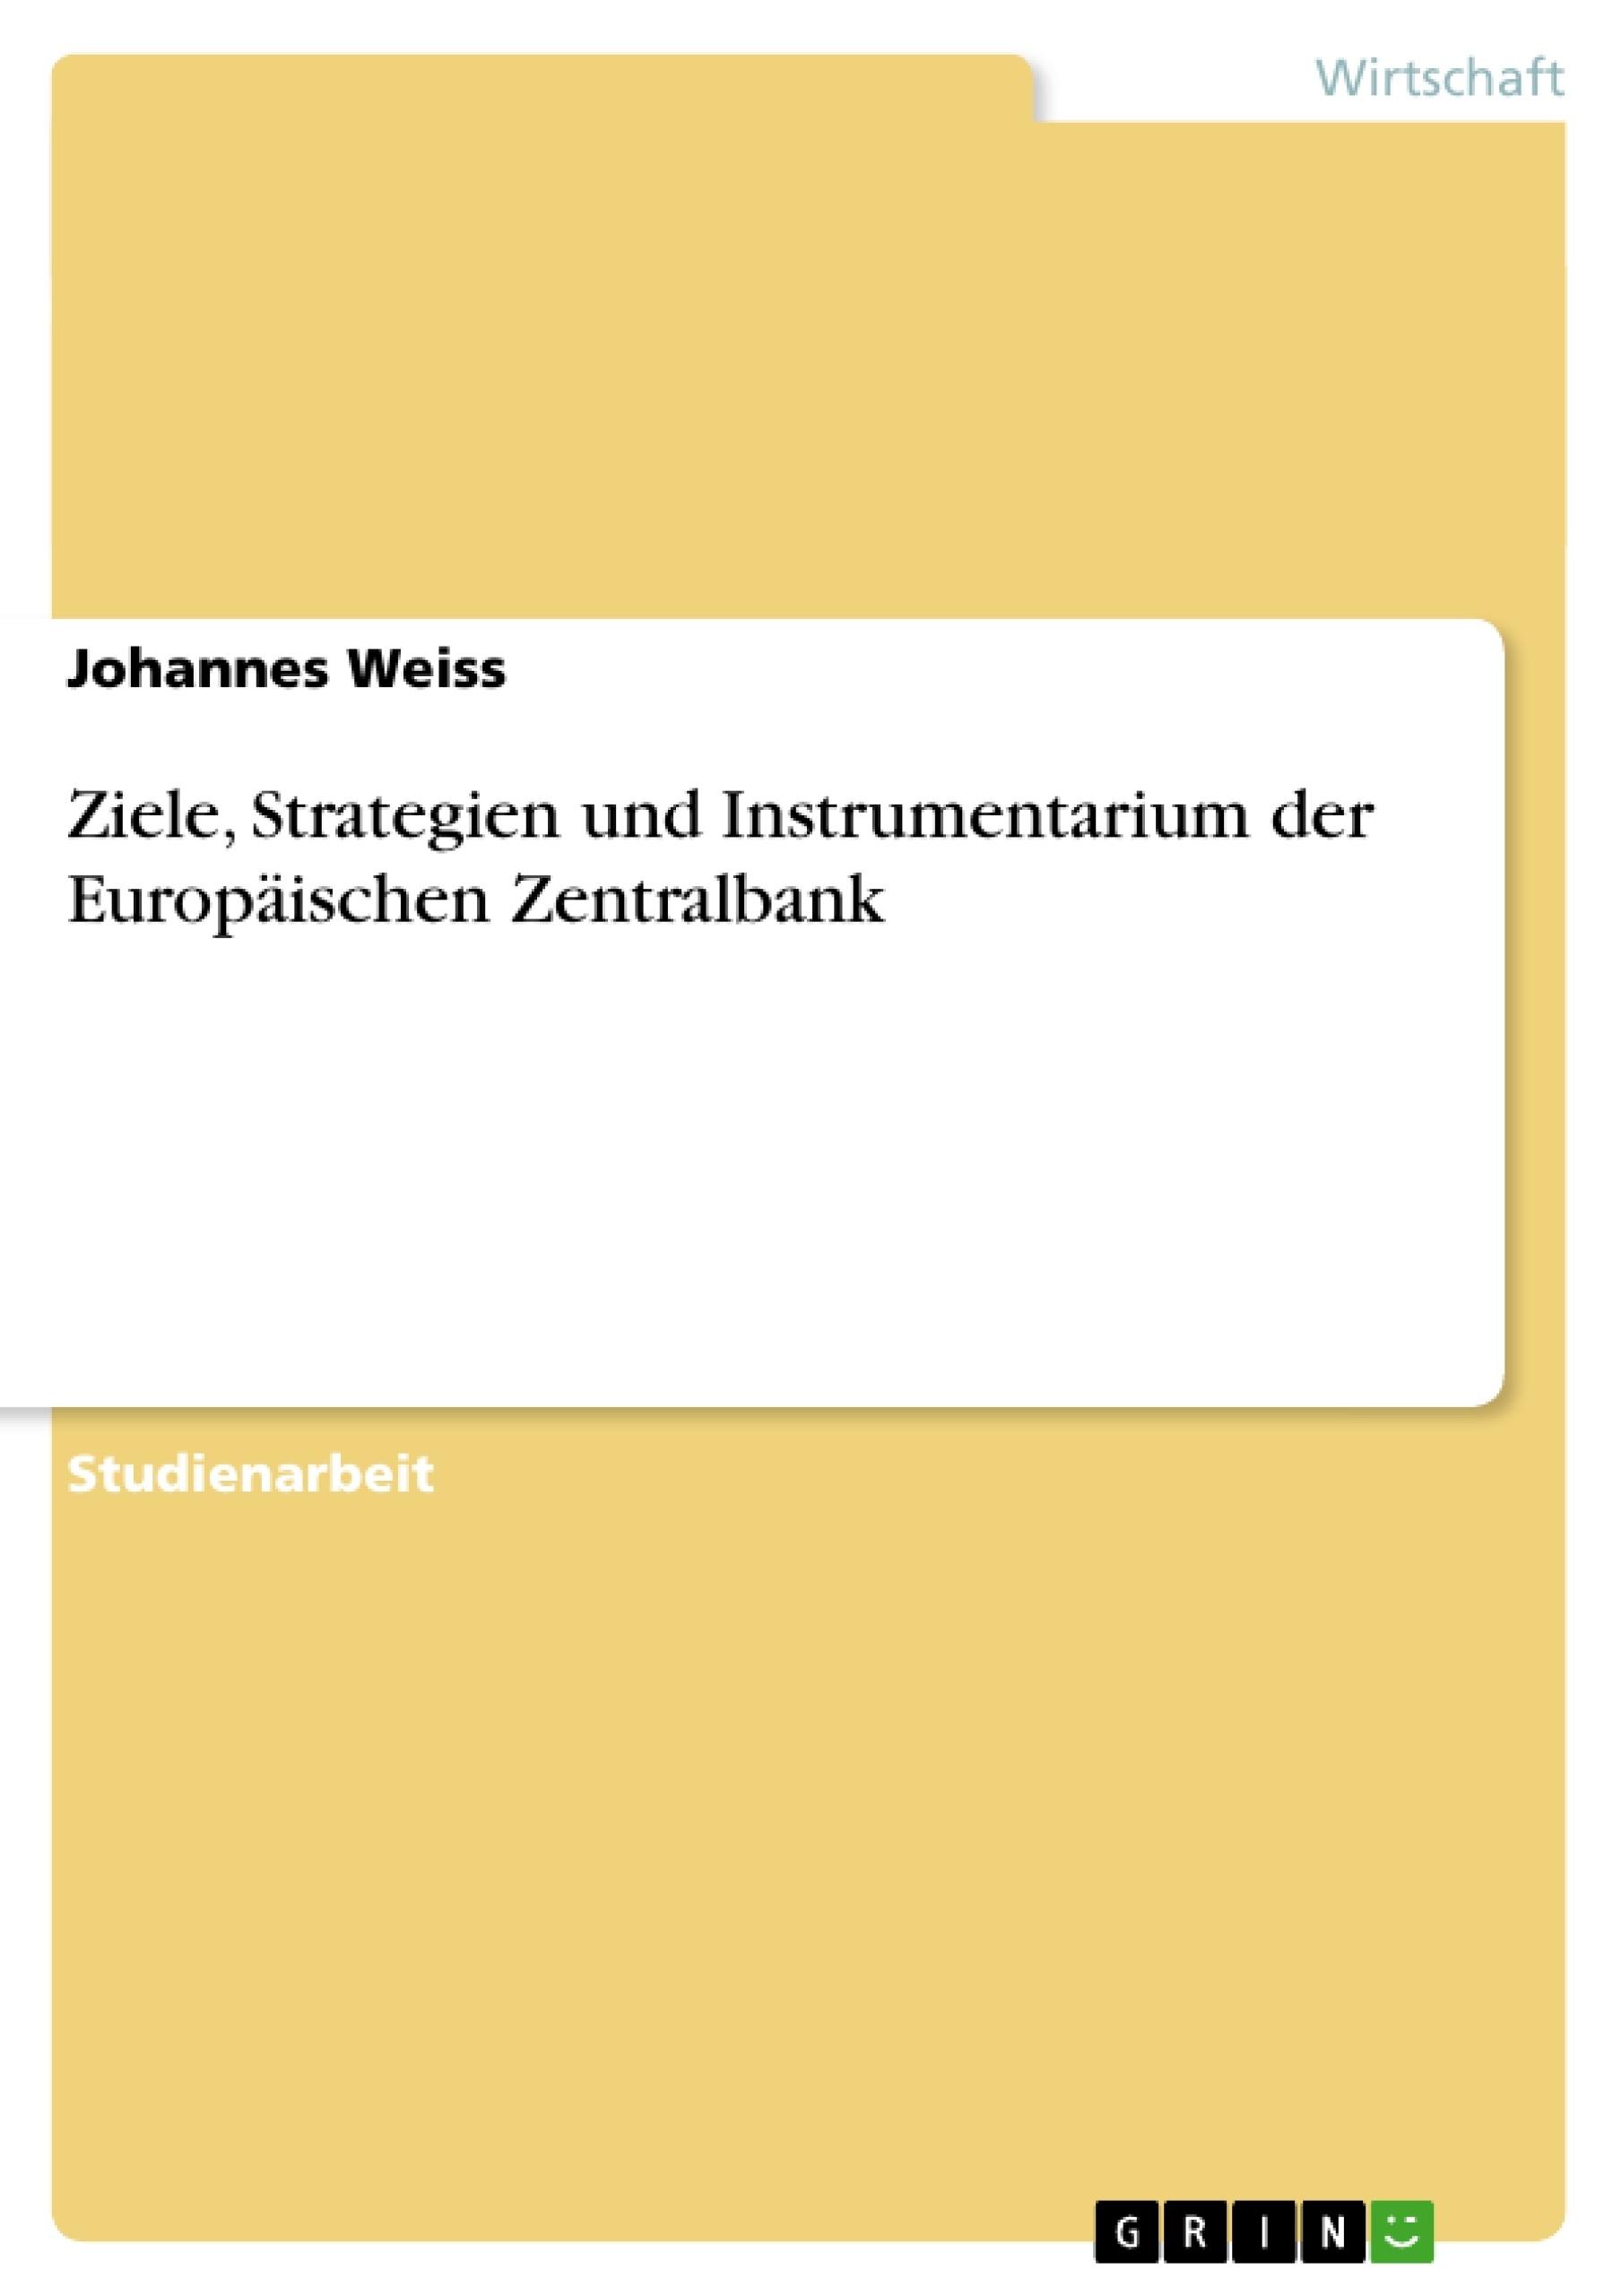 Titel: Ziele, Strategien und Instrumentarium der Europäischen Zentralbank